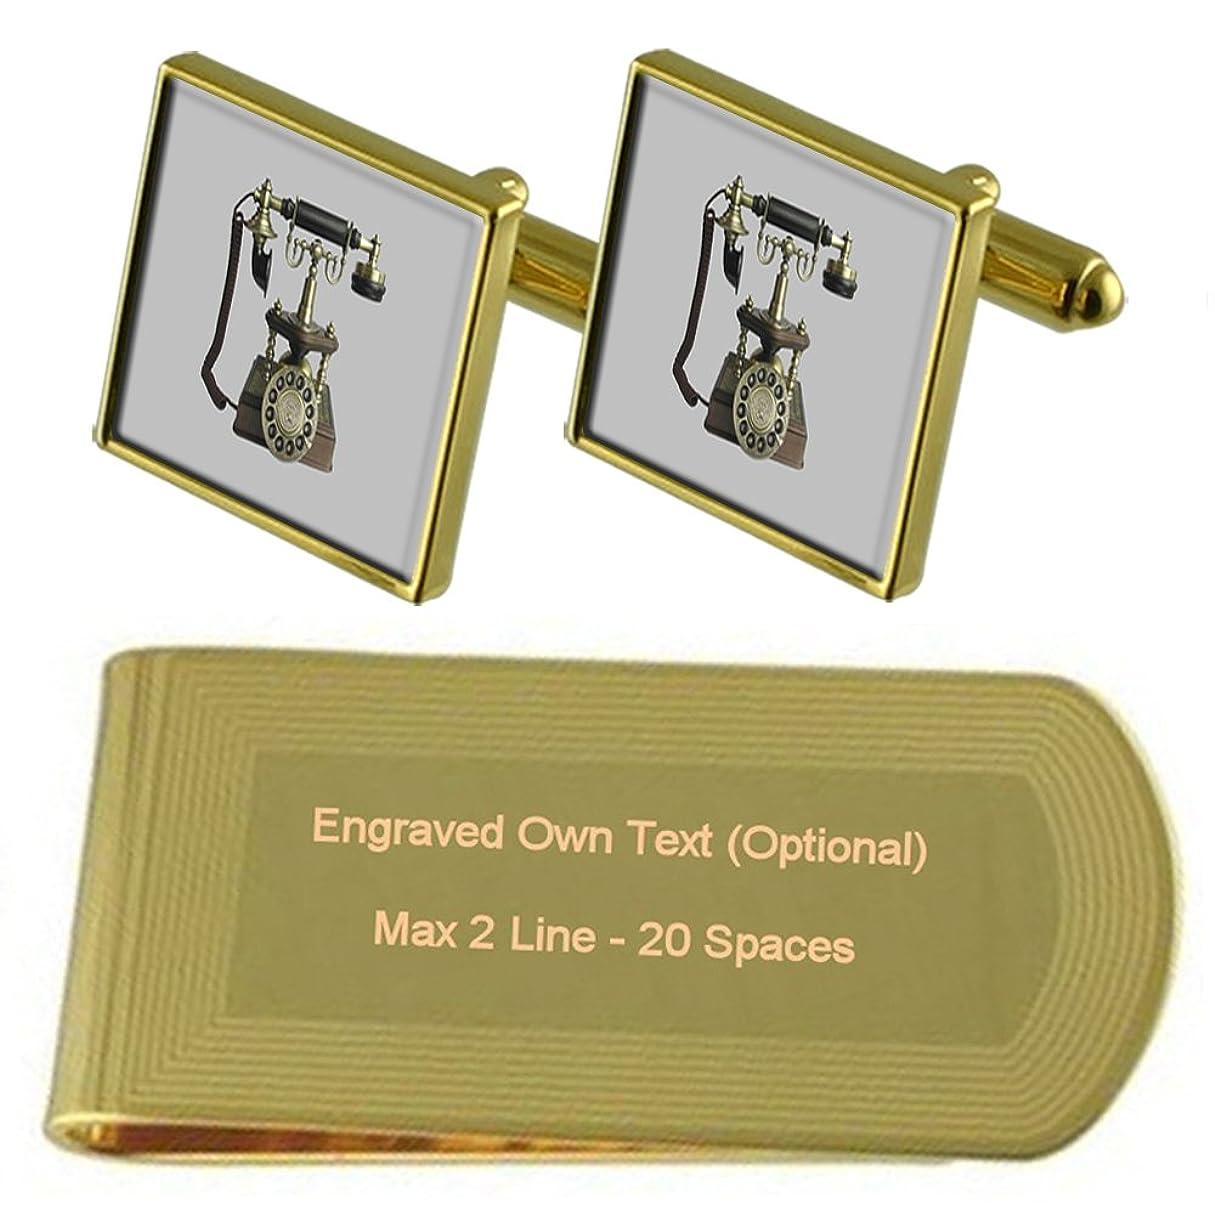 変数本当のことを言うと君主制アンティーク電話ゴールドトーン カフスボタン お金クリップを刻まれたギフトセット